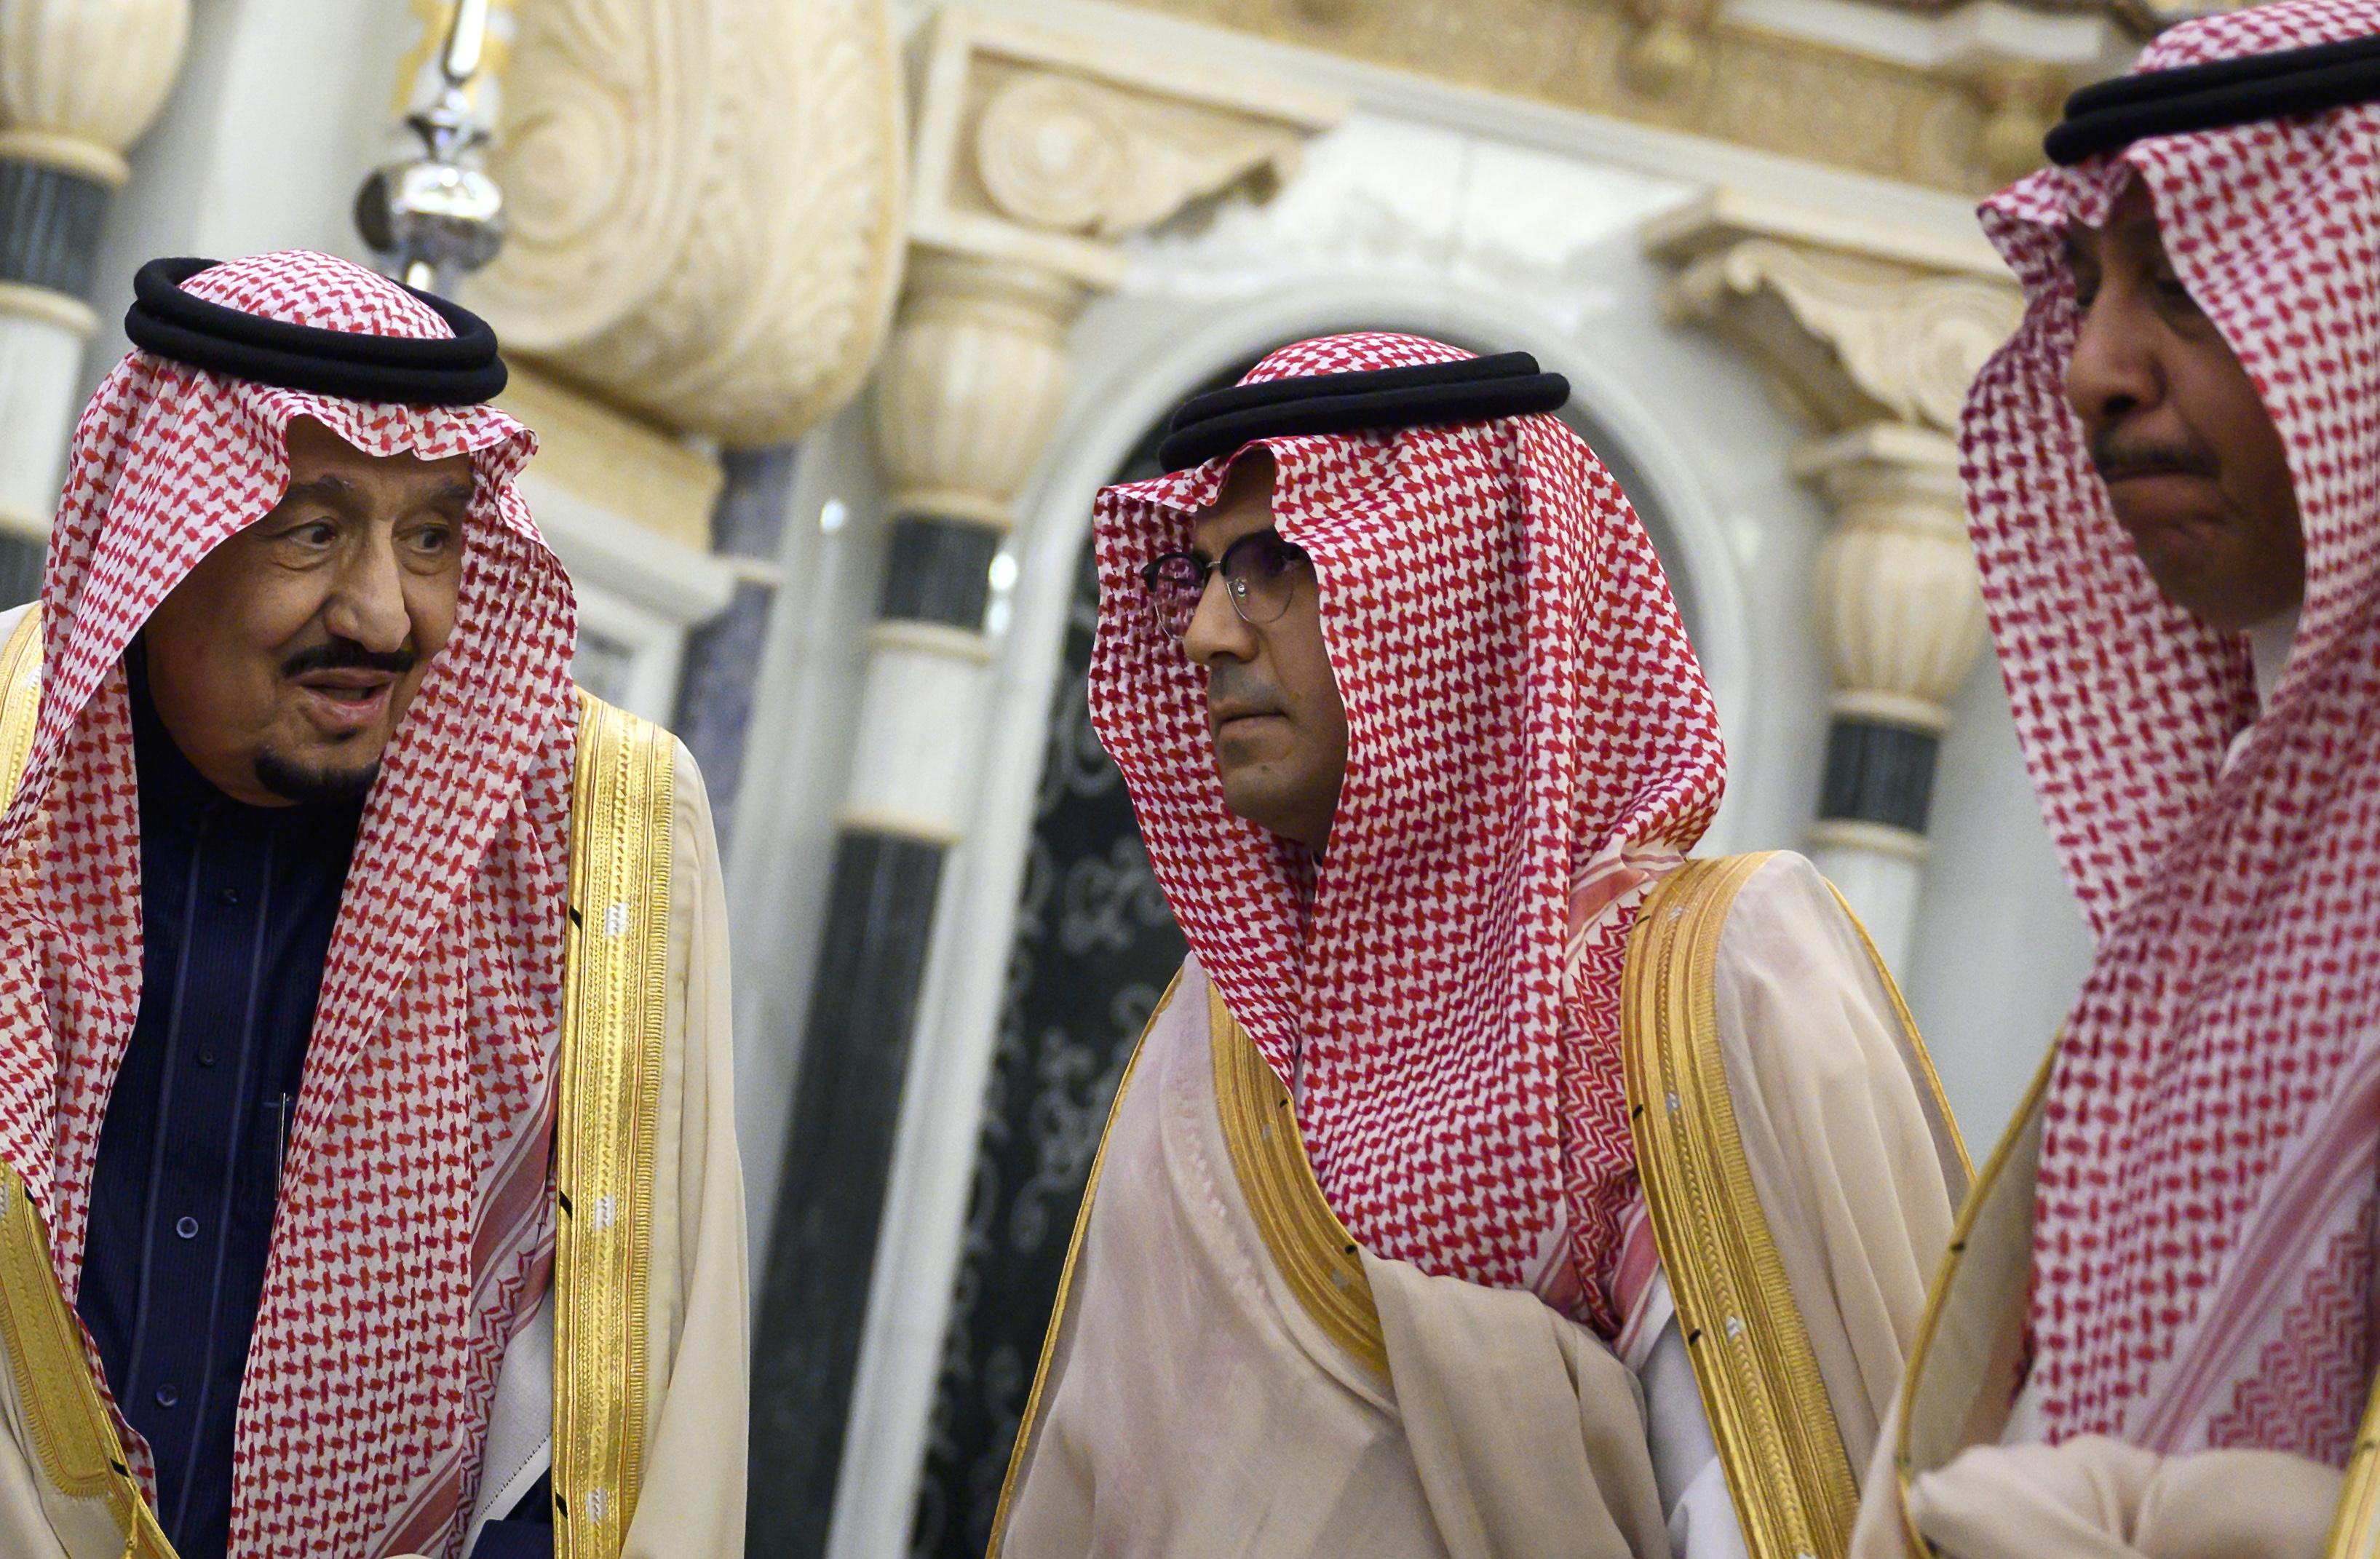 أفراد من العائلة الحاكمة في المملكة السعودية مع الملك سلمان بن عبد العزيز